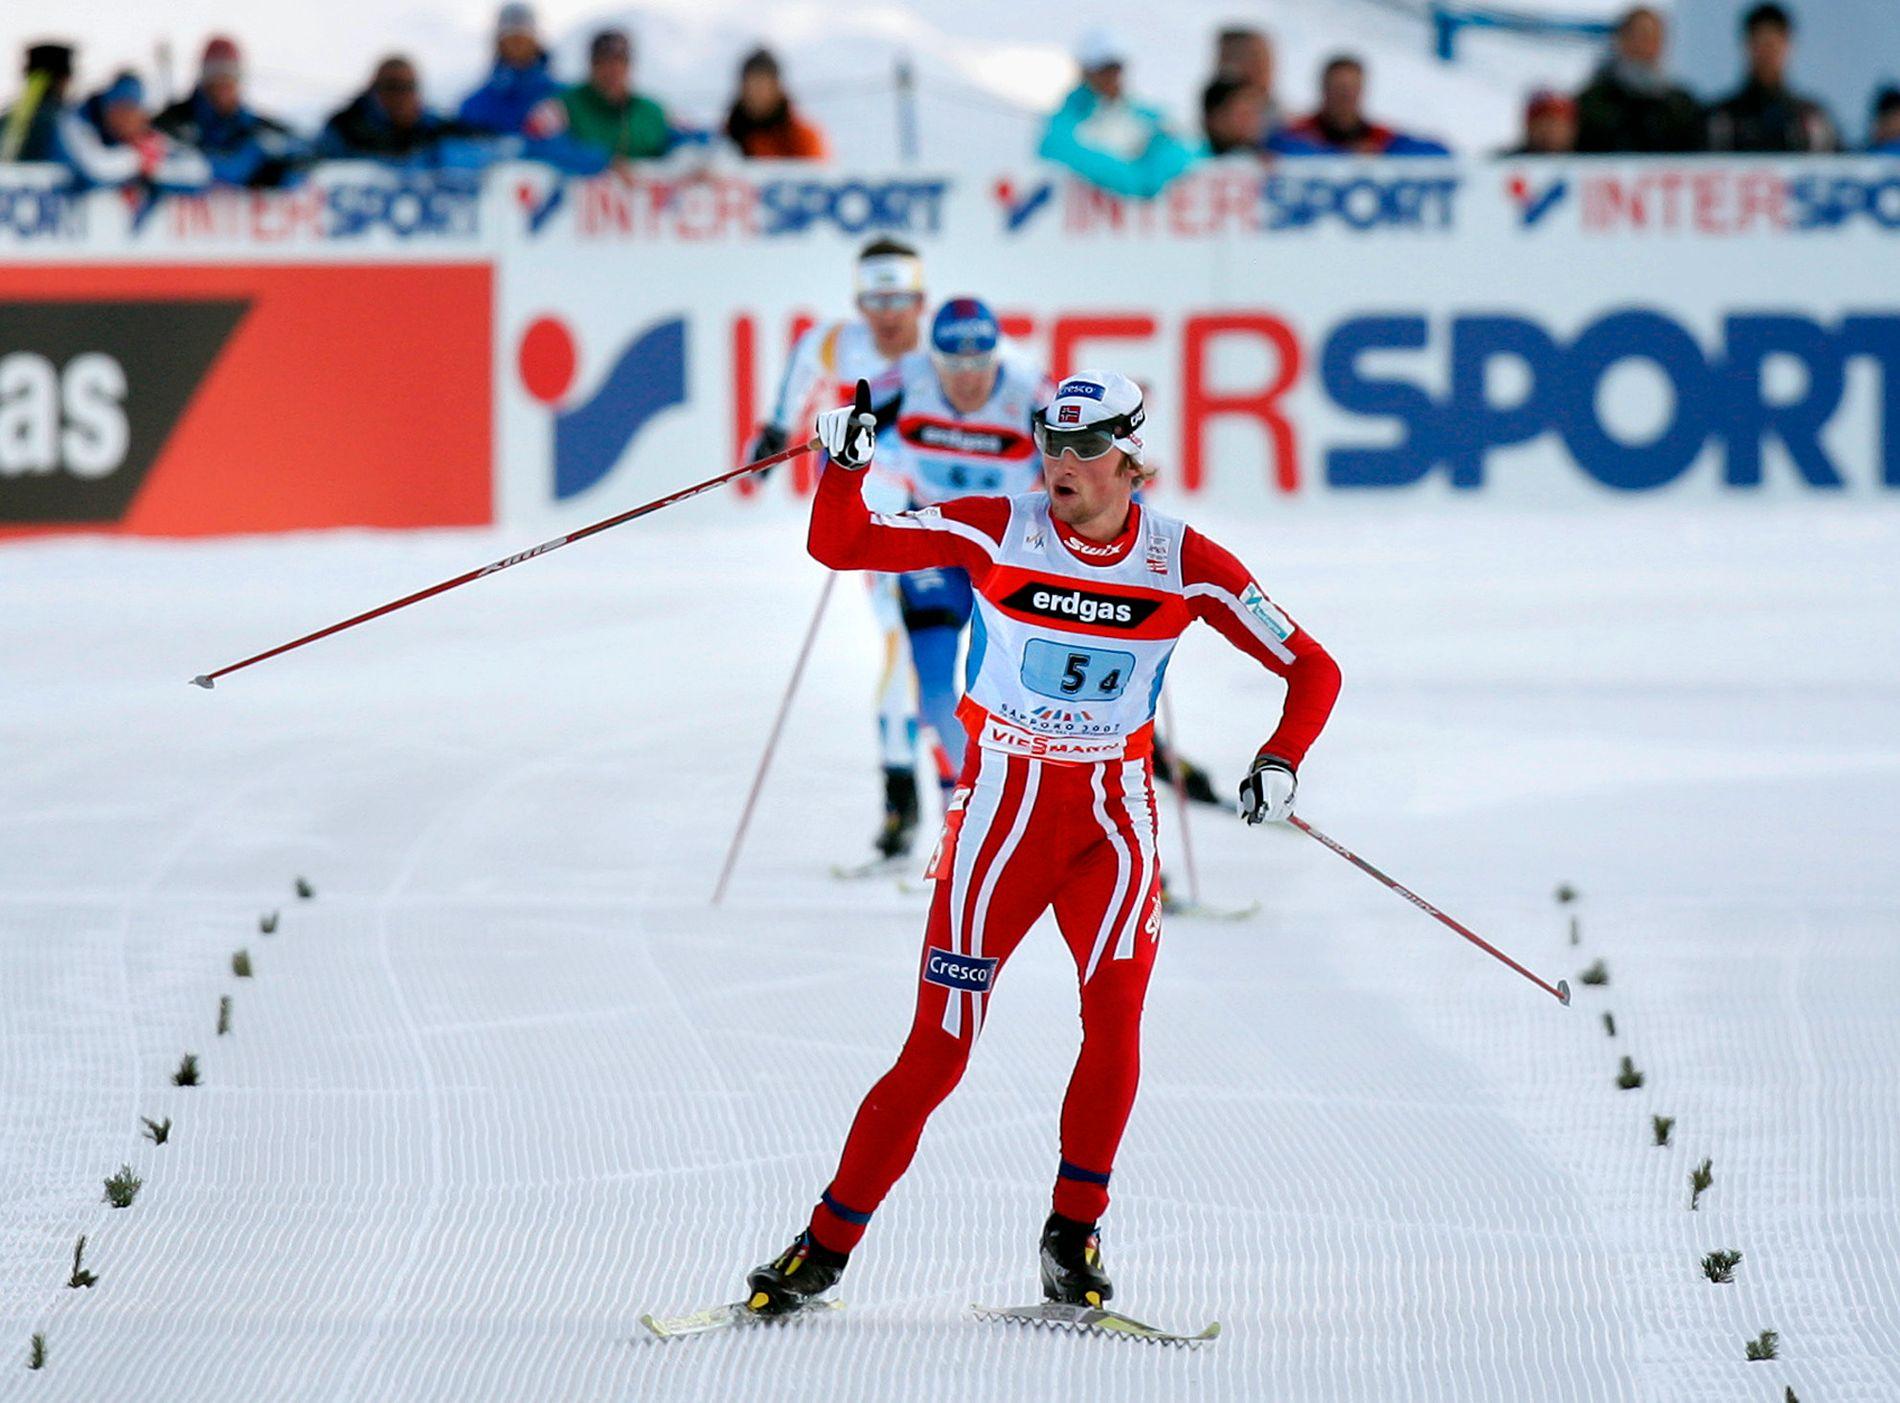 I 2007 ble Northug-rykket virkelig vist frem. Petter Northug stakk fra konkurrentene i siste bakke før mål og vant etter å ha skaffet seg en kjempeluke.